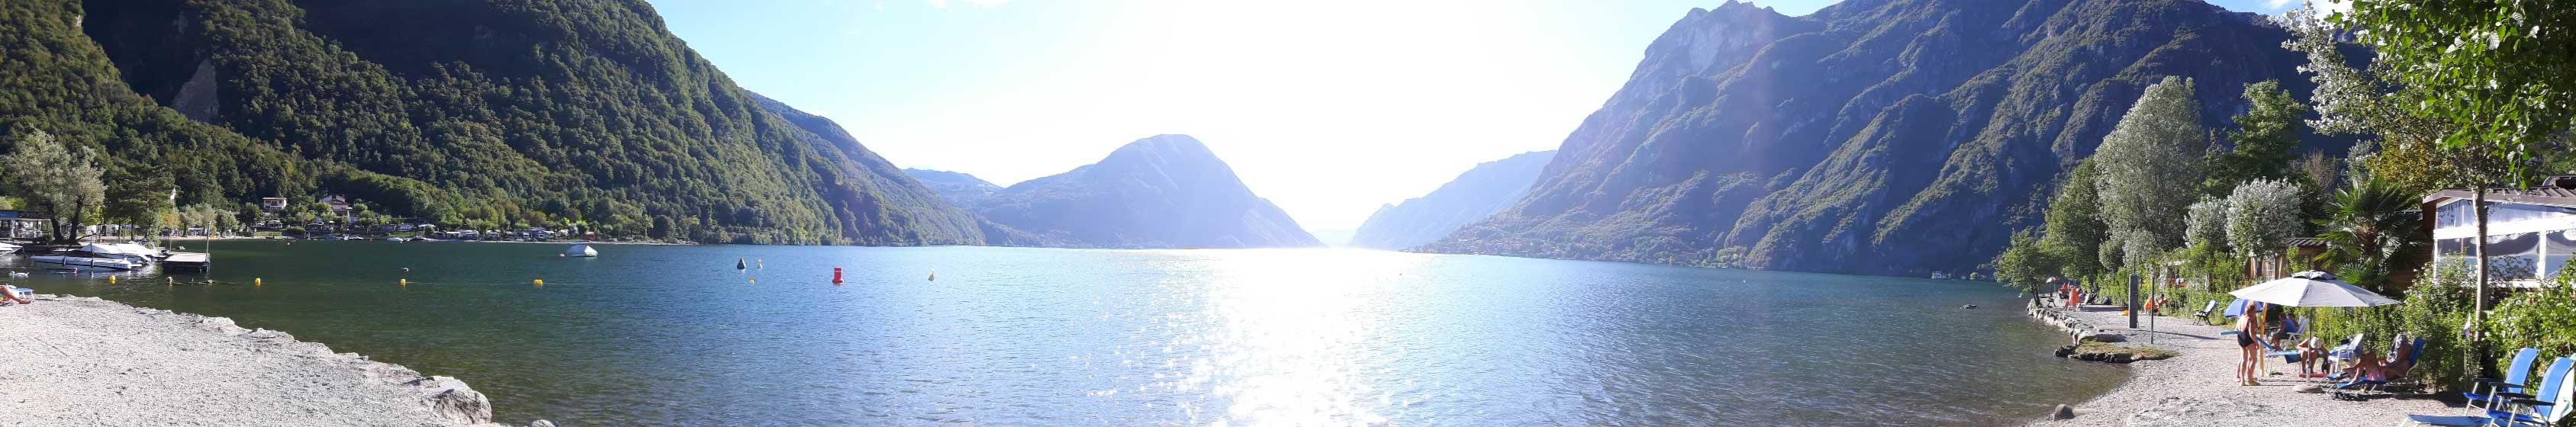 Algemene voorwaarden Luxe chalets Bella Villetta Lugano meer